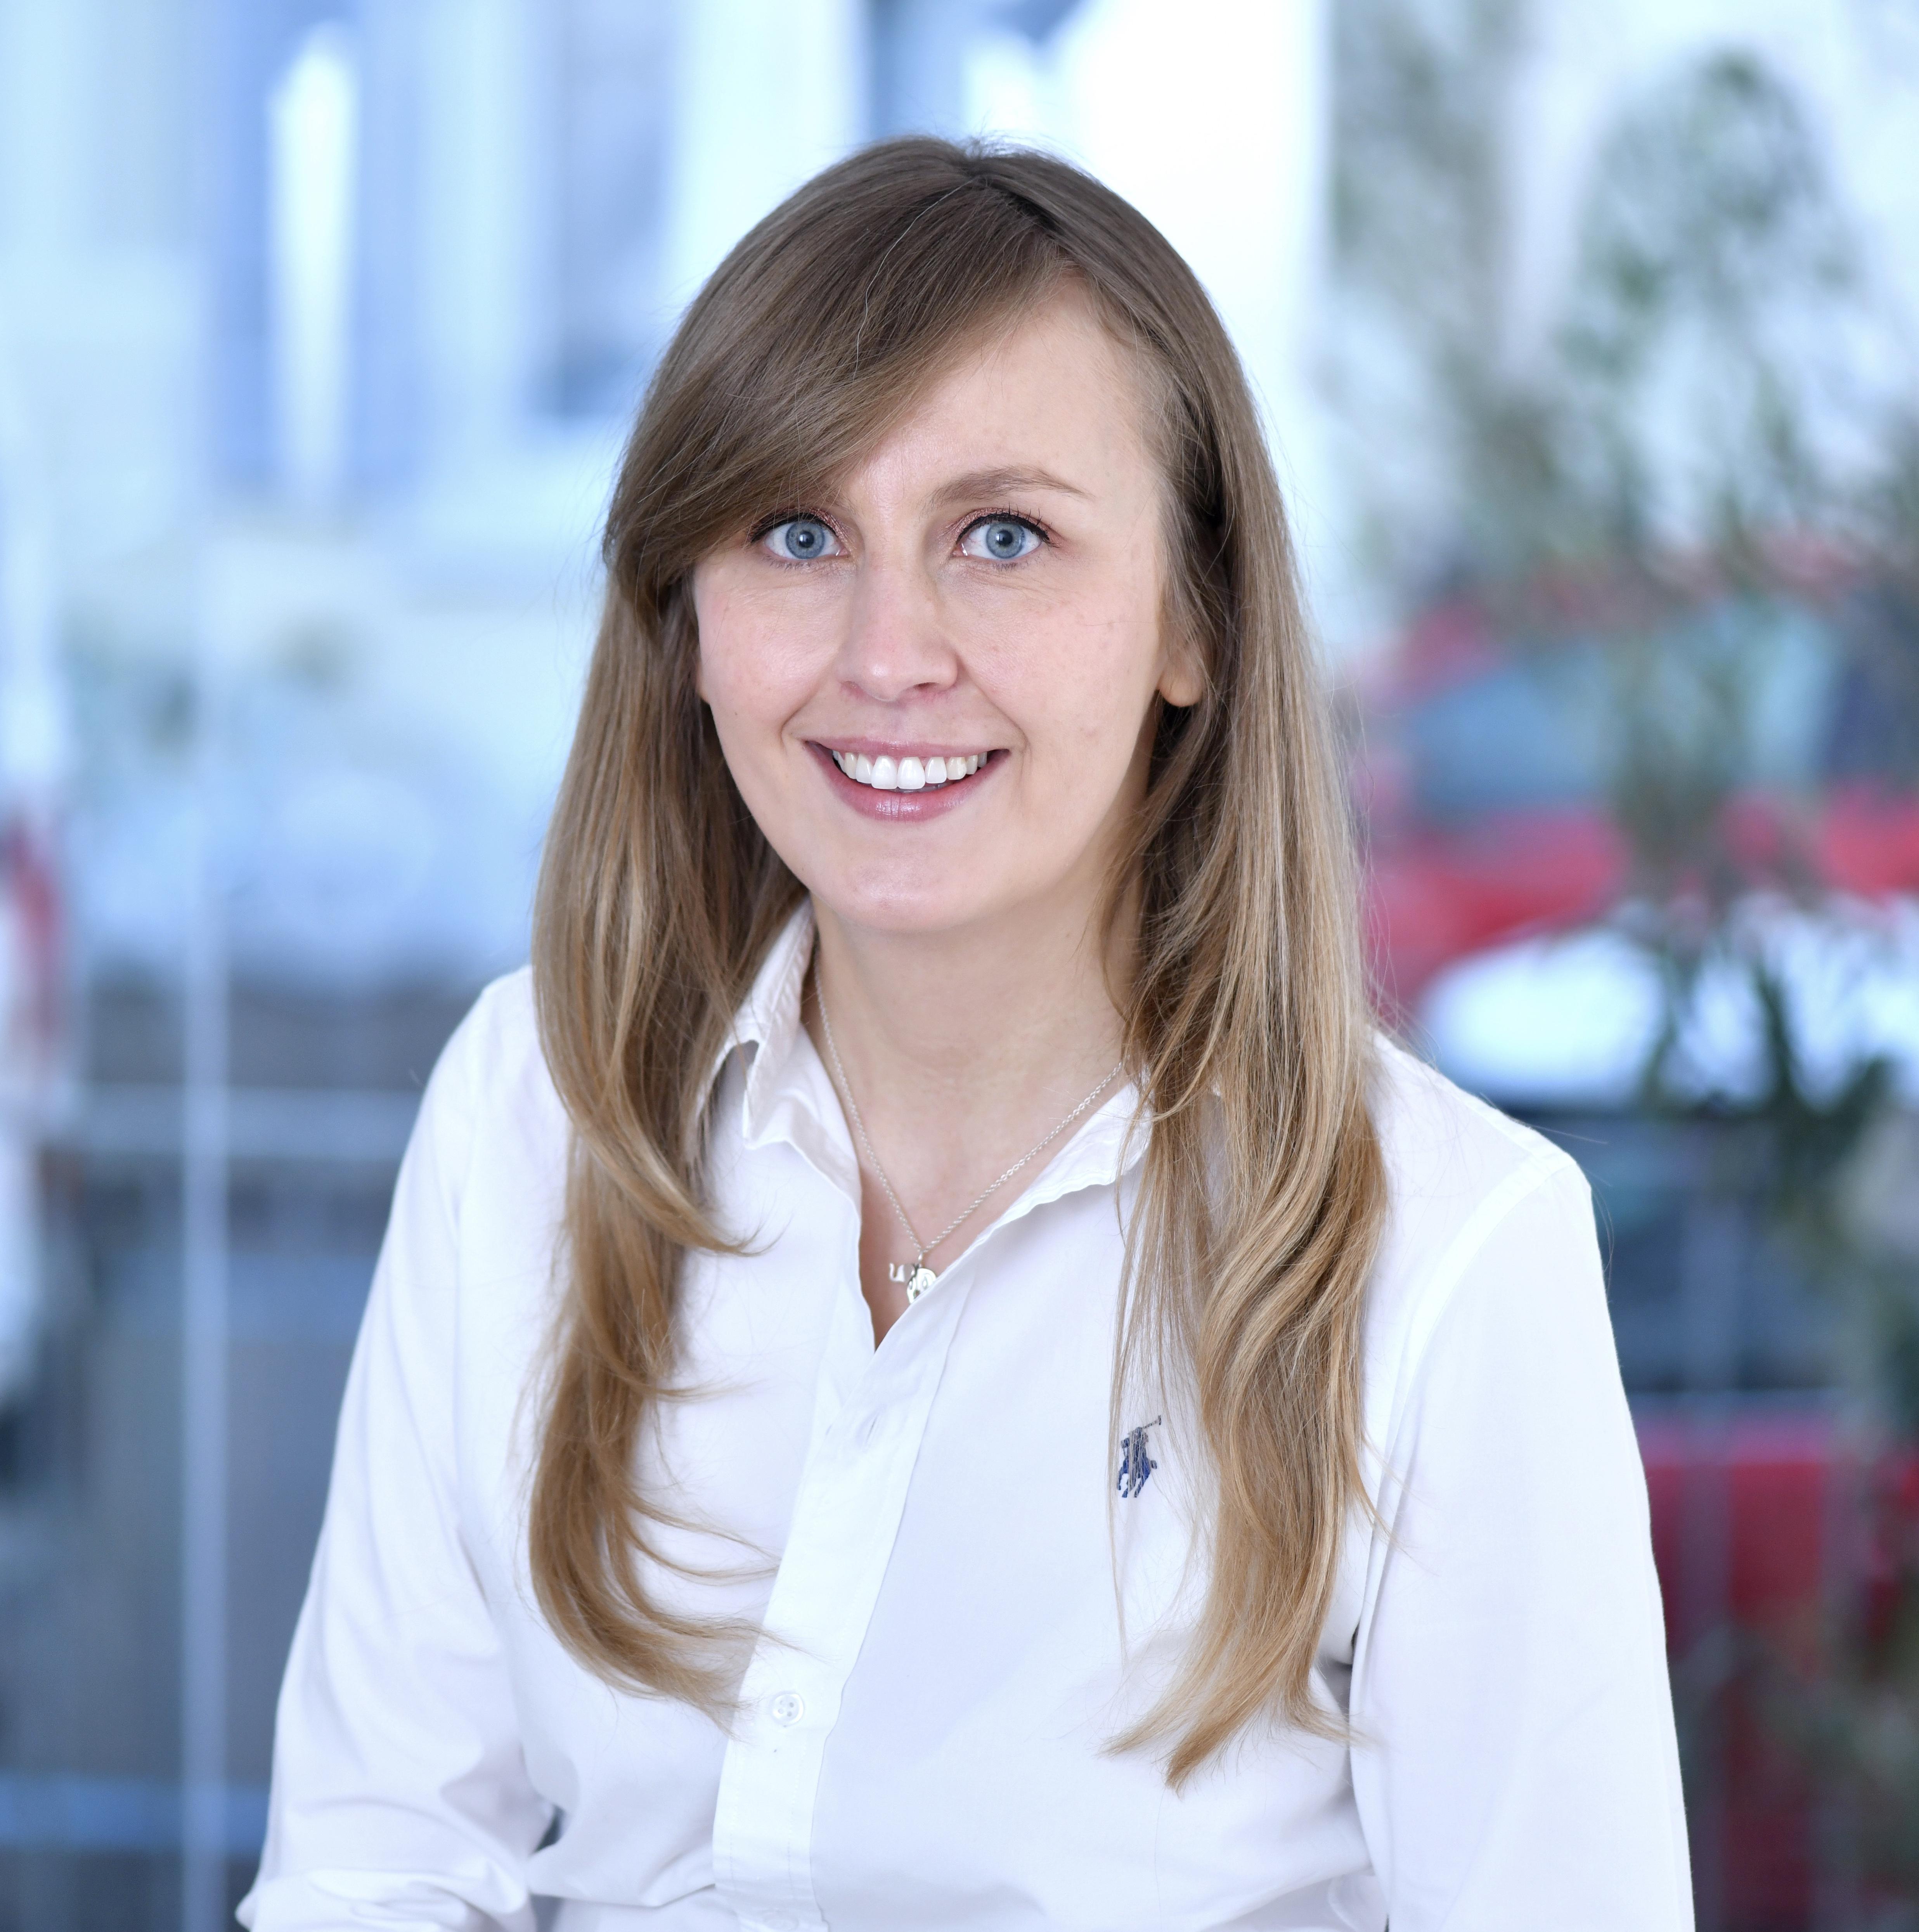 Maria Hahn